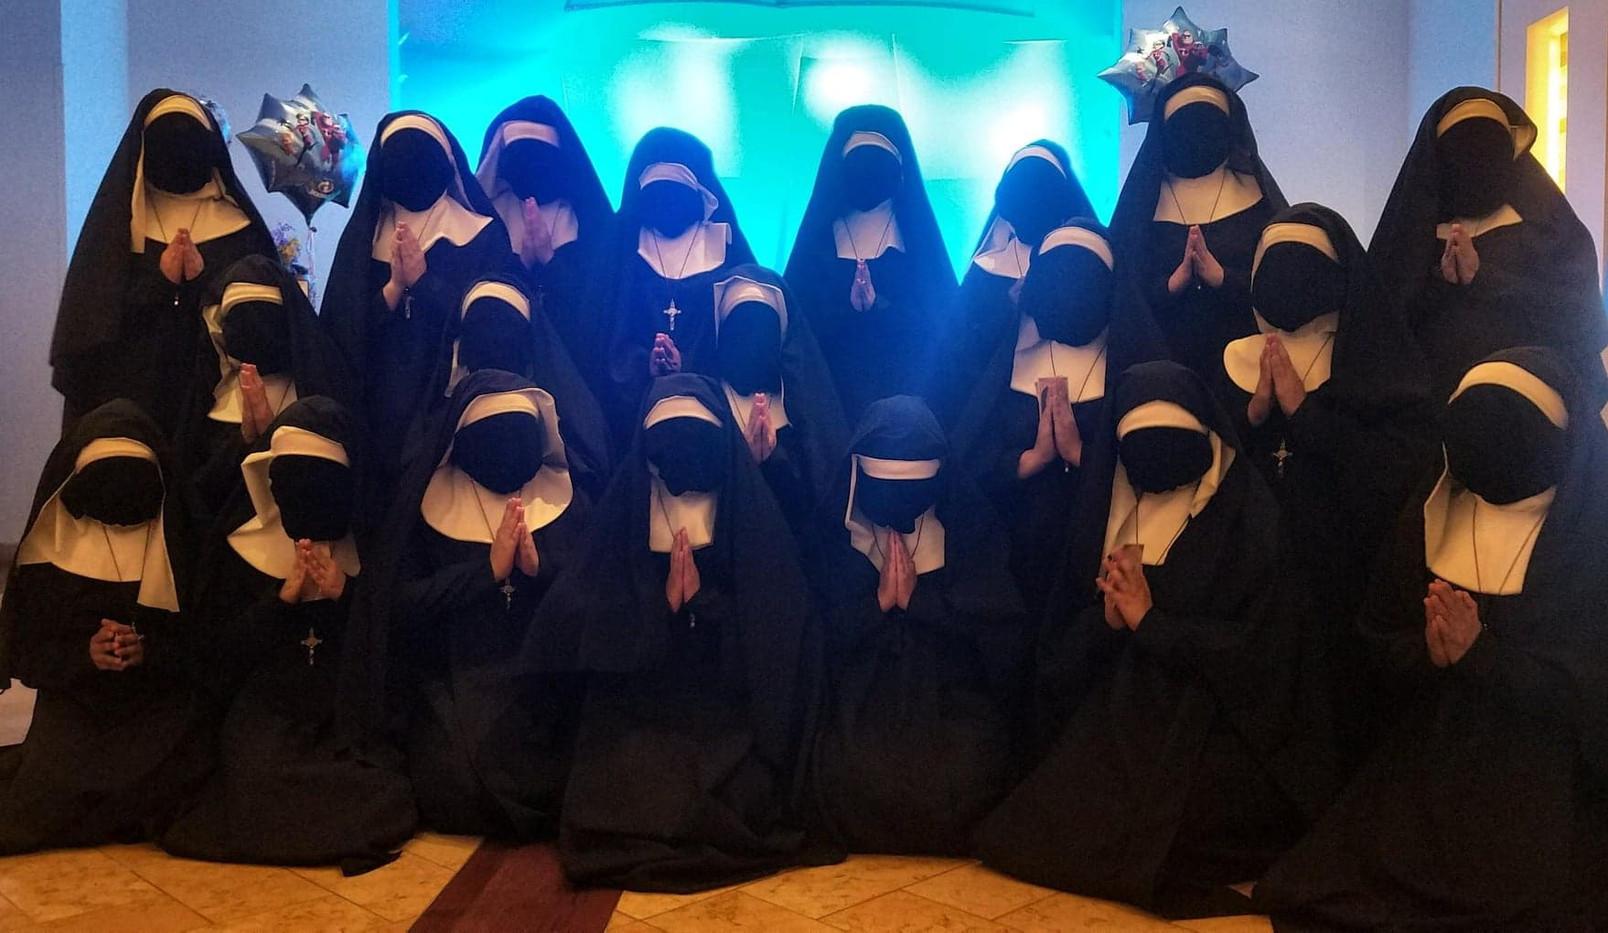 San Diego Comic Con - The Nun Cast